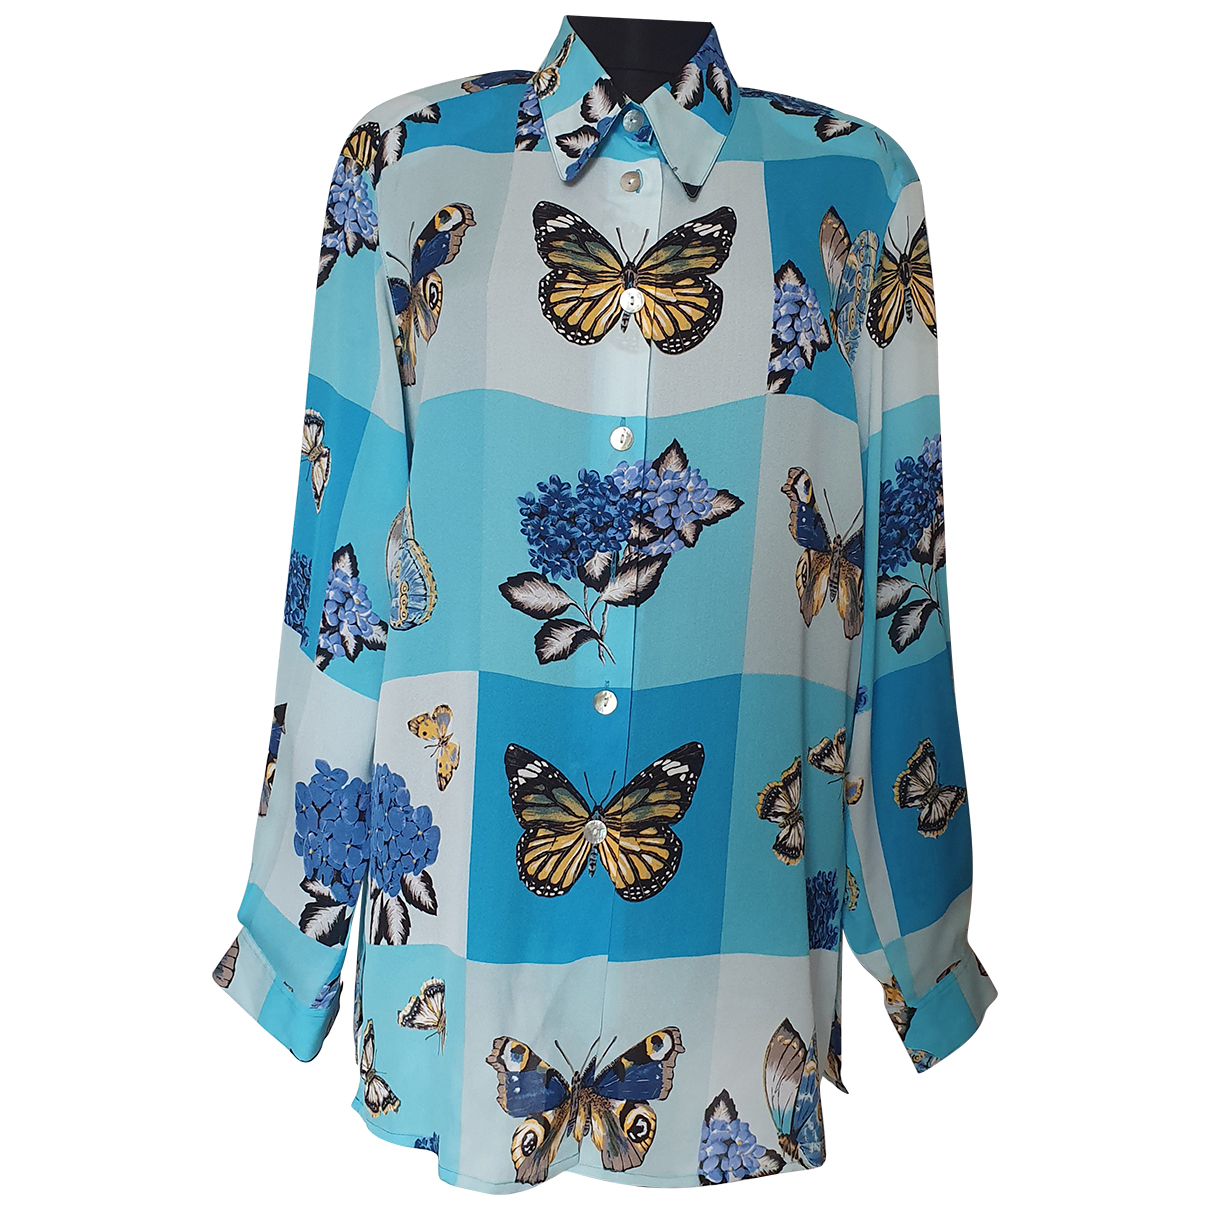 Camisa de Seda Elegance Paris